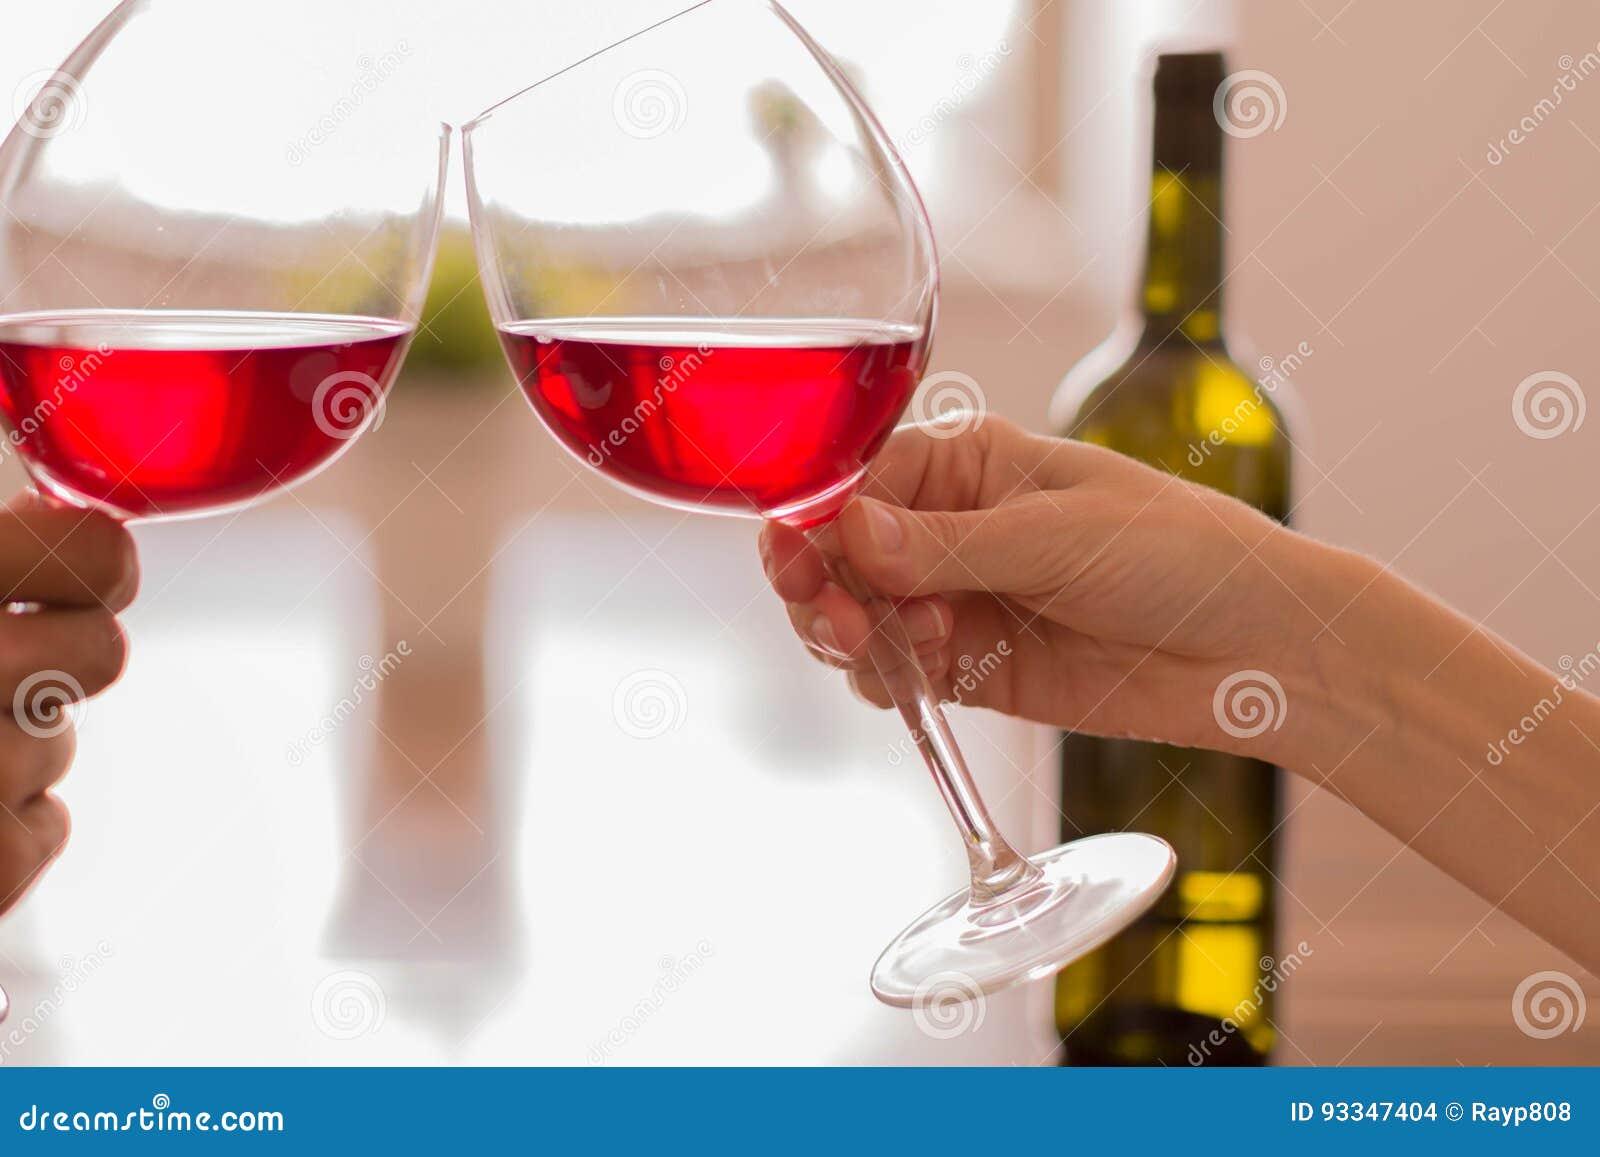 Celebrando dai vetri tintinnanti di vino rosso